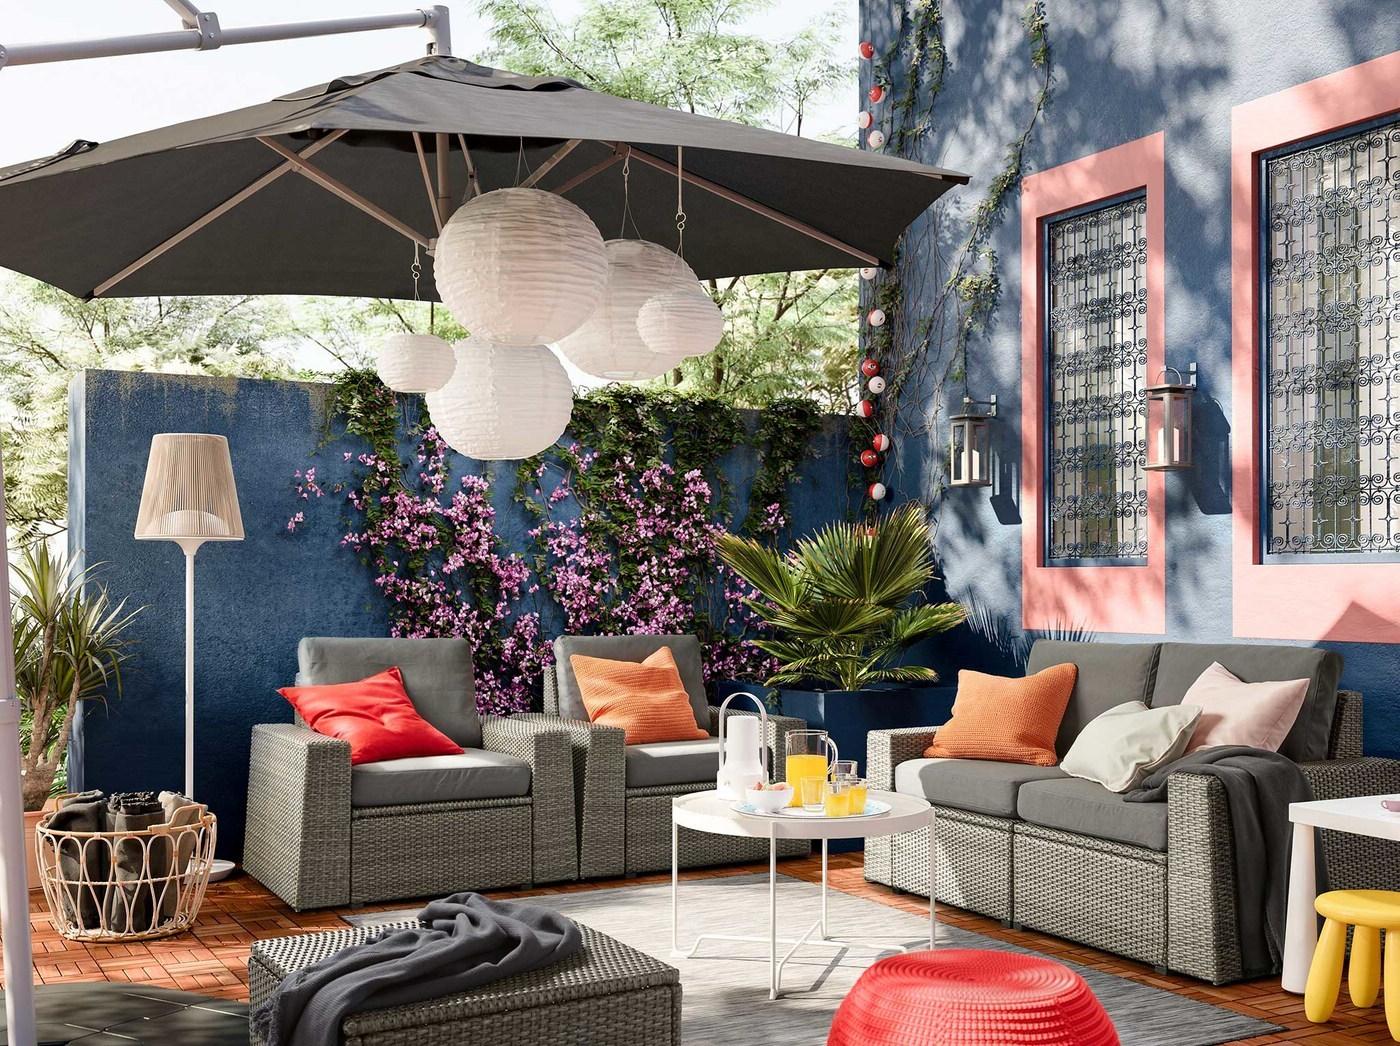 Une idée pour un salon de jardin avec des meubles en osier d'Ikea